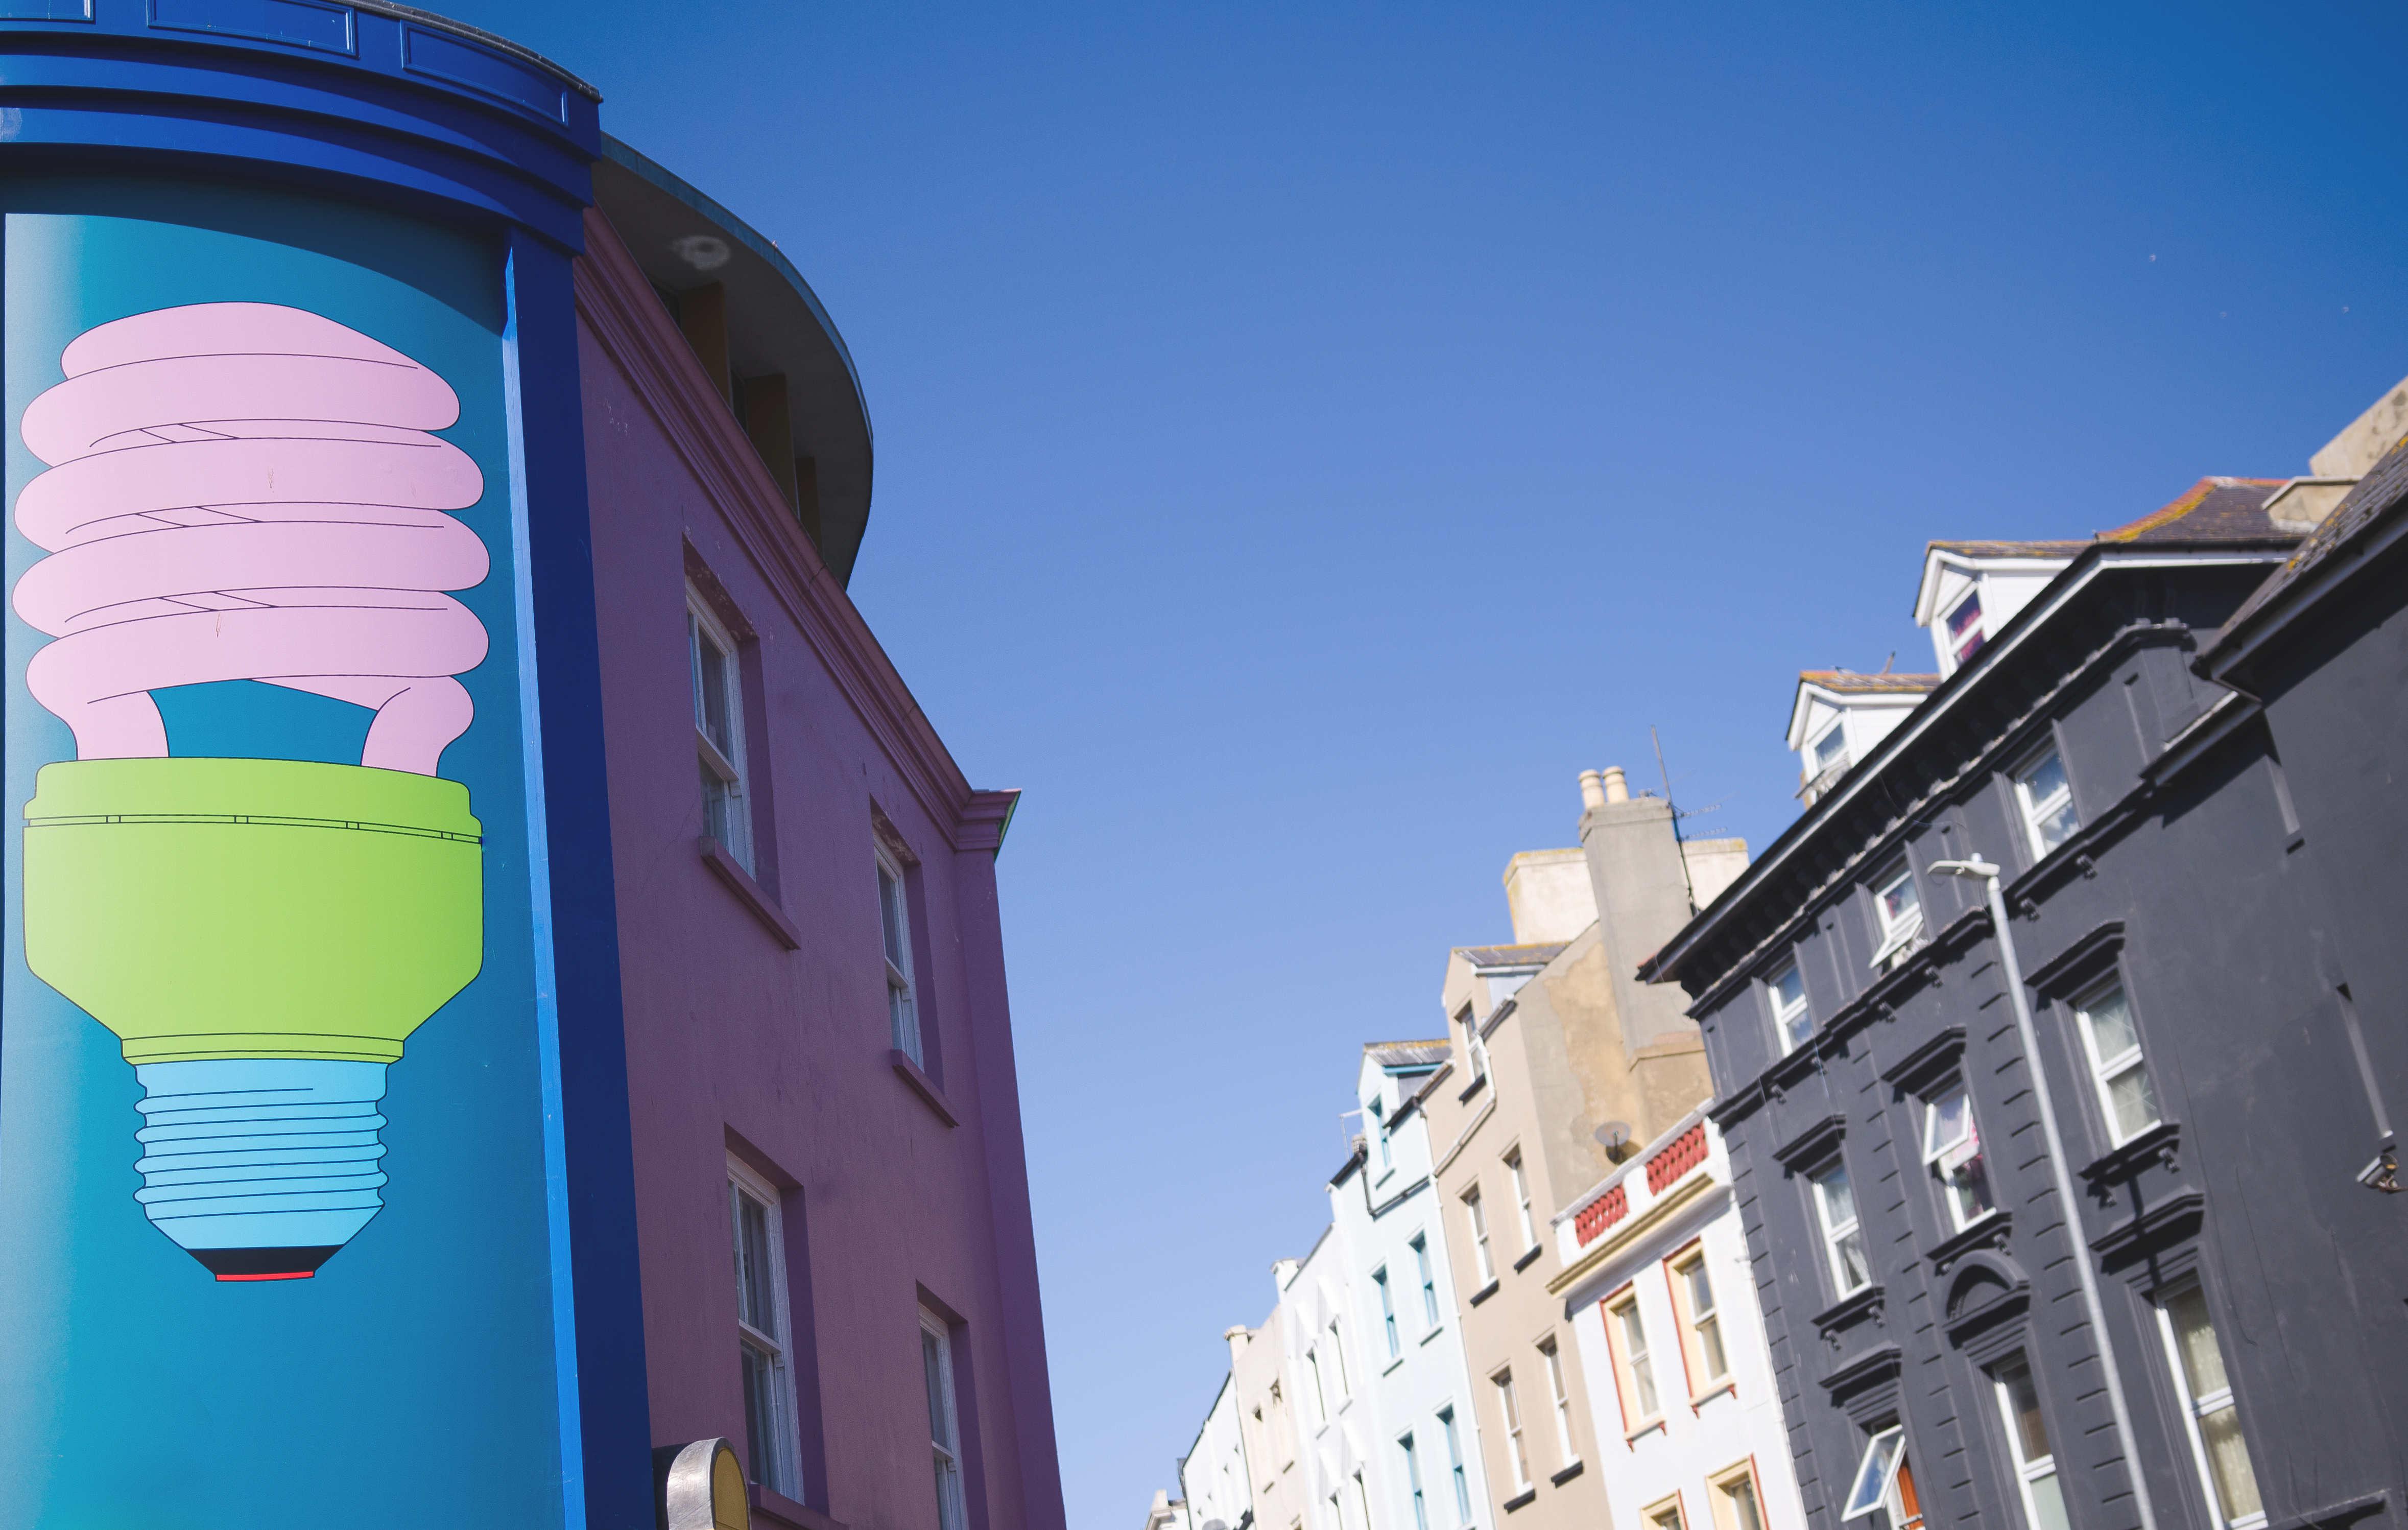 Folkestone is the best seaside town